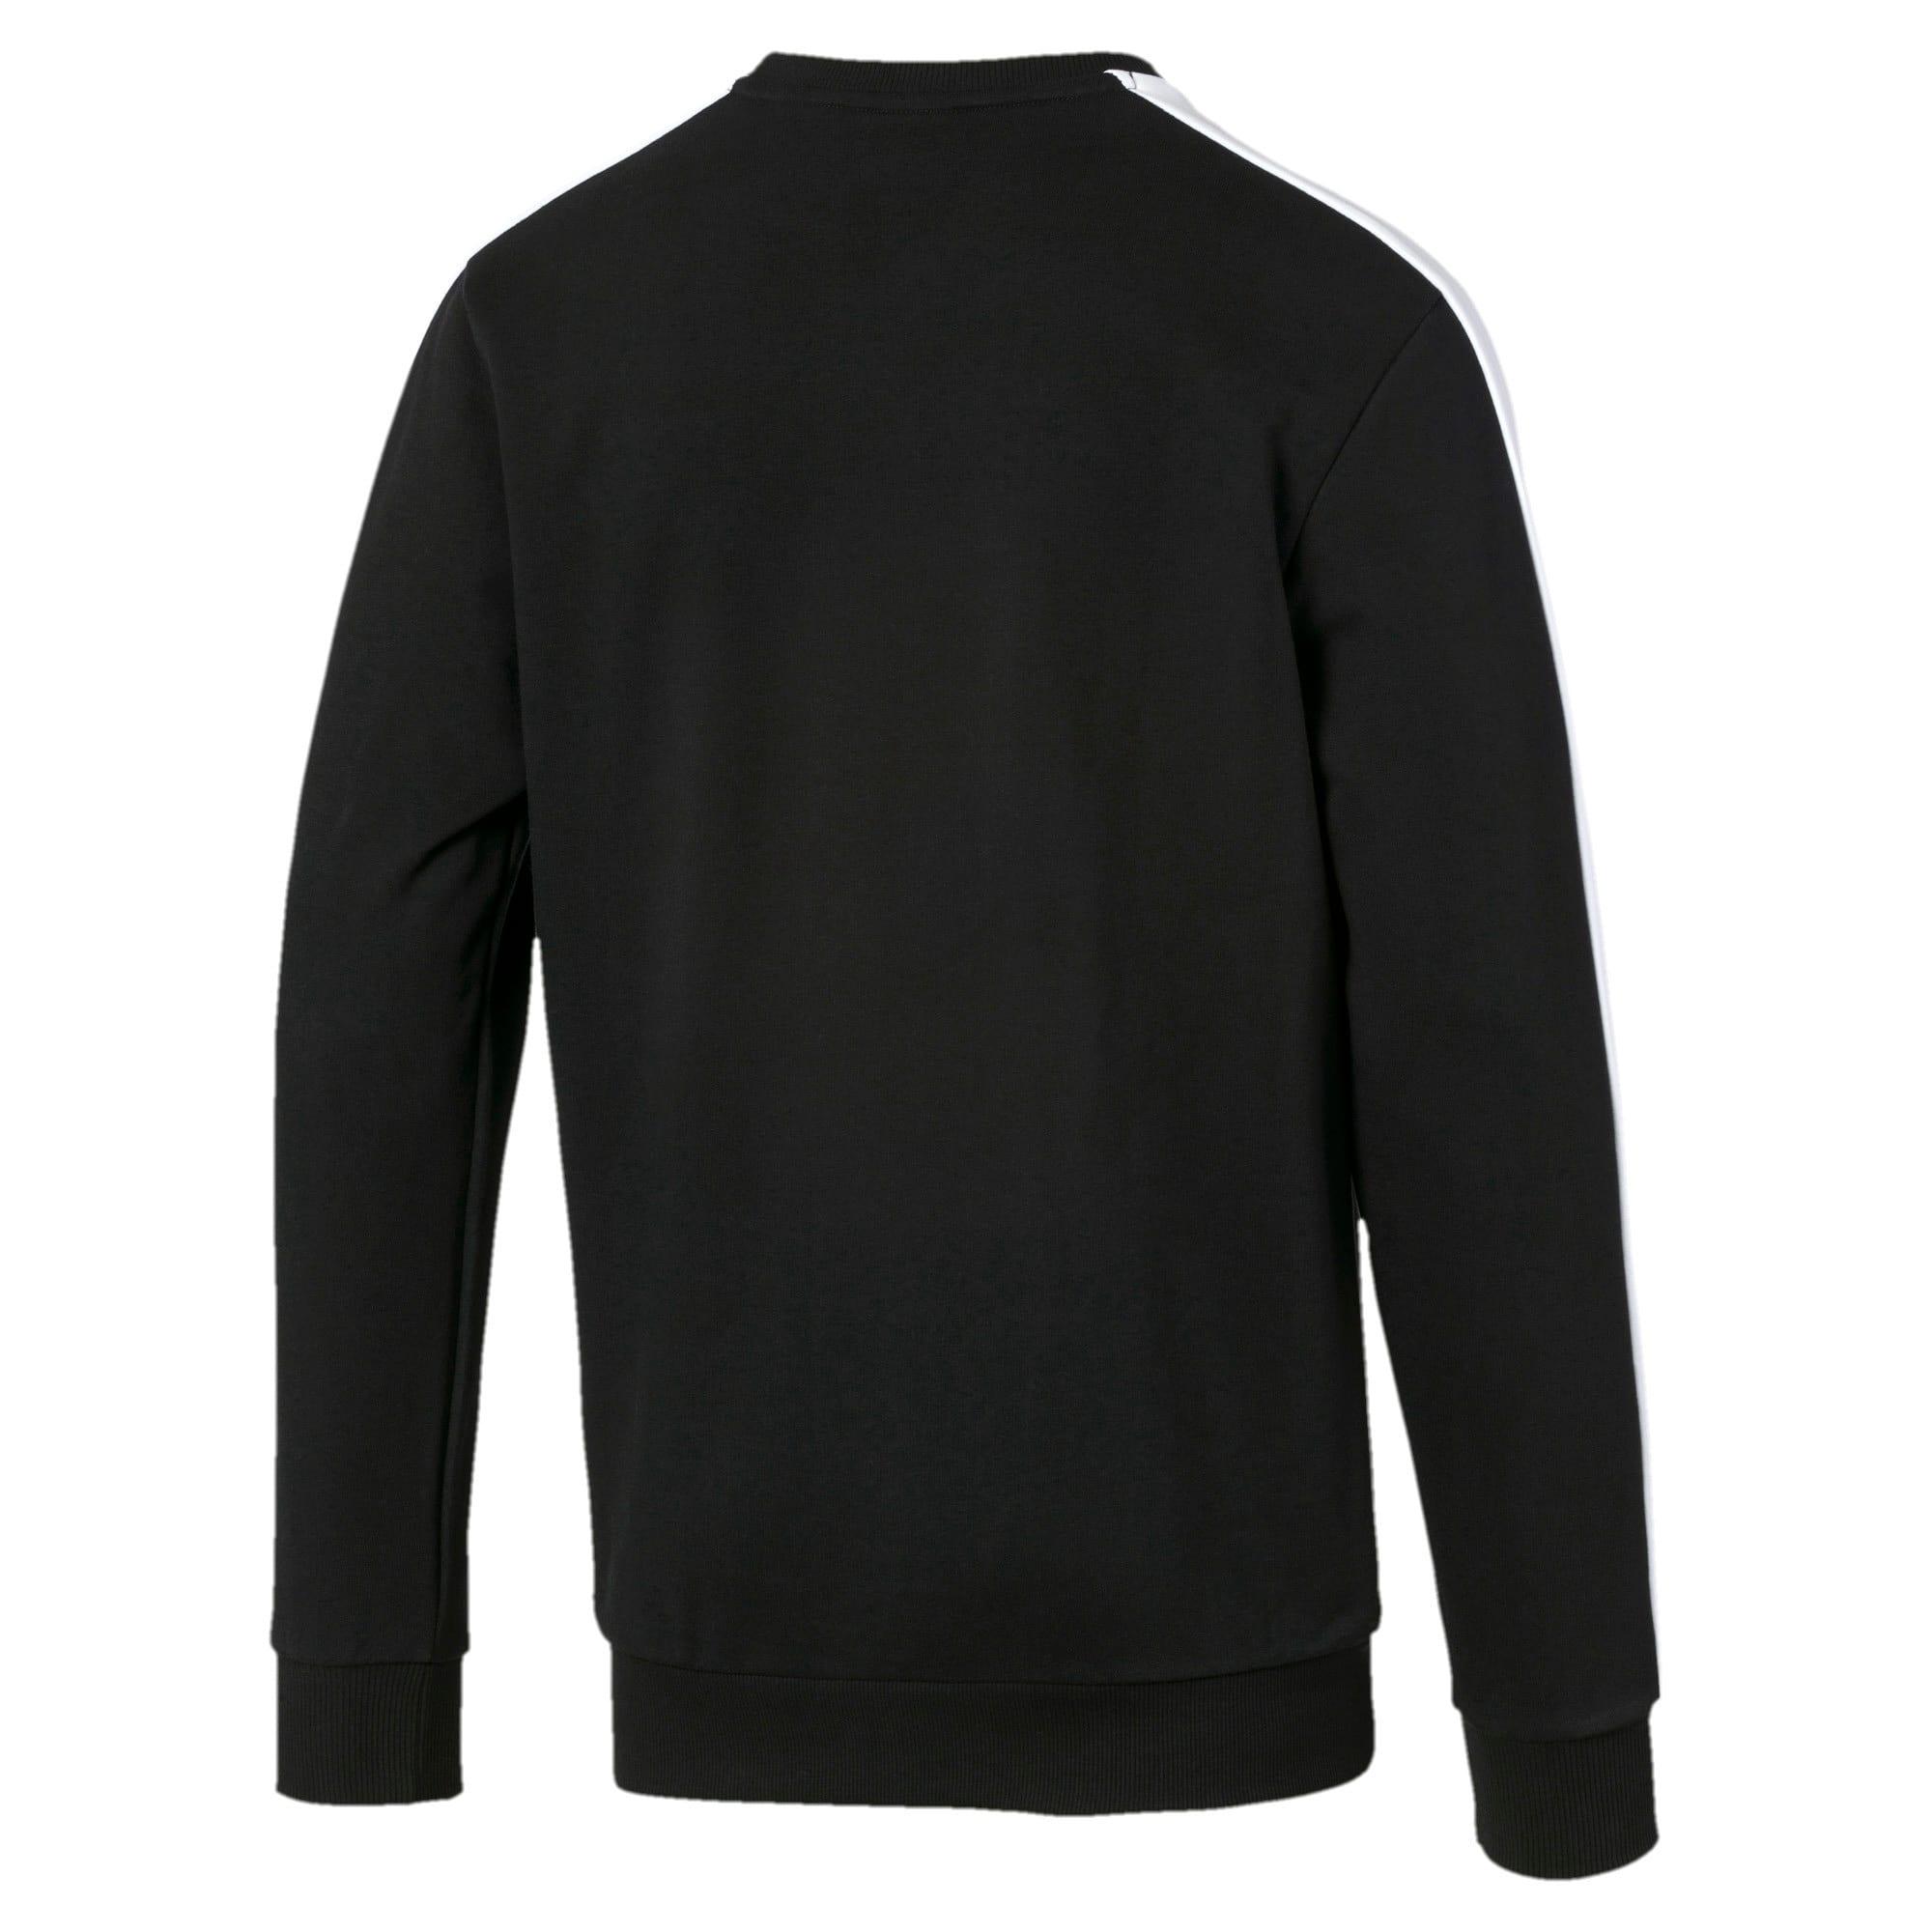 Thumbnail 5 of Iconic T7 Crew Neck Men's Sweater, Puma Black, medium